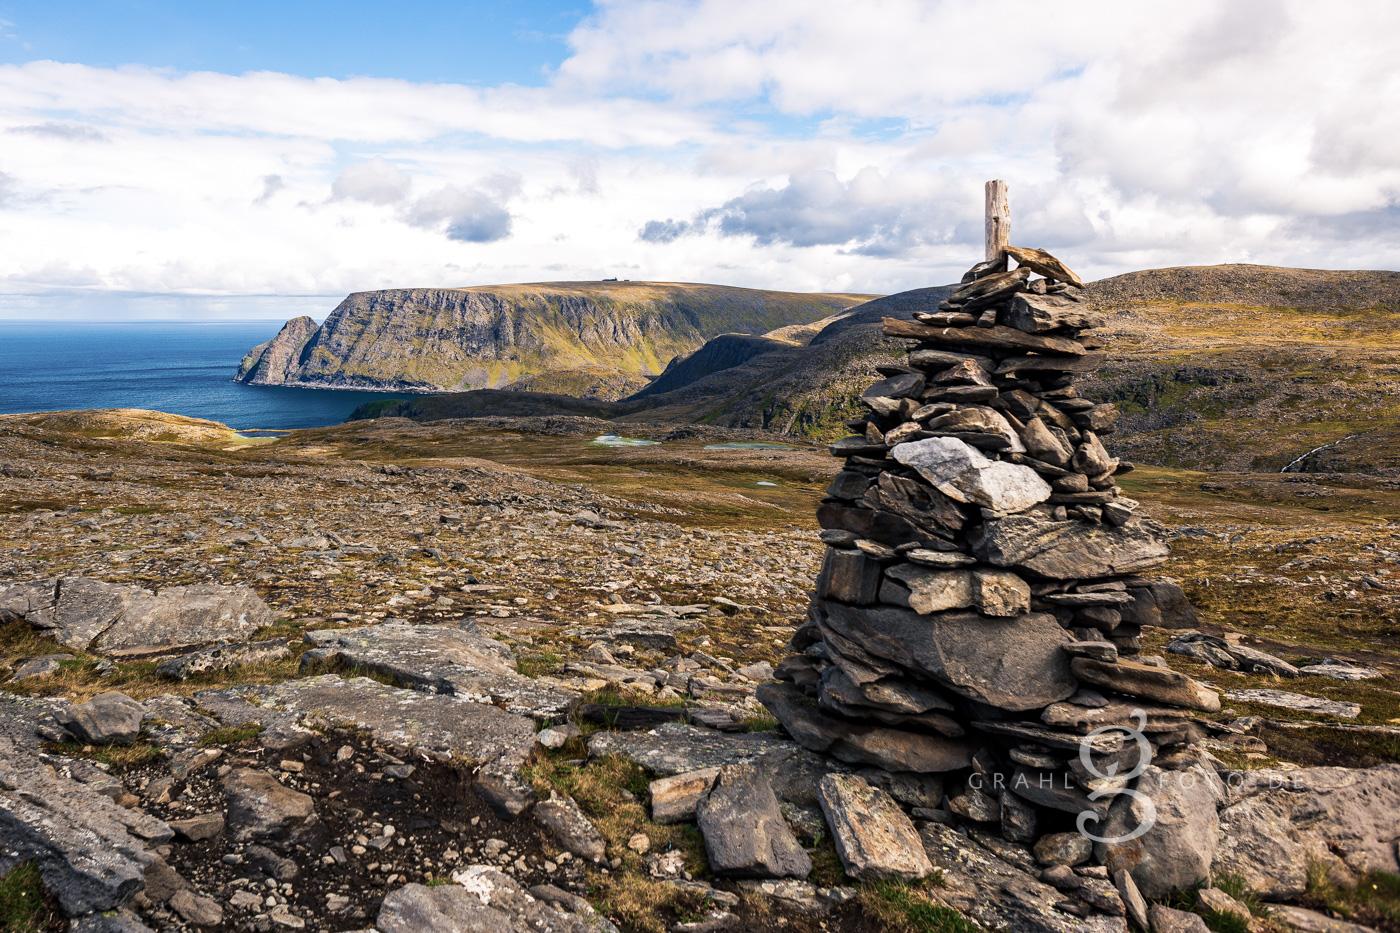 grahlfoto Cordula Maria Grahl in Norwegen 2015